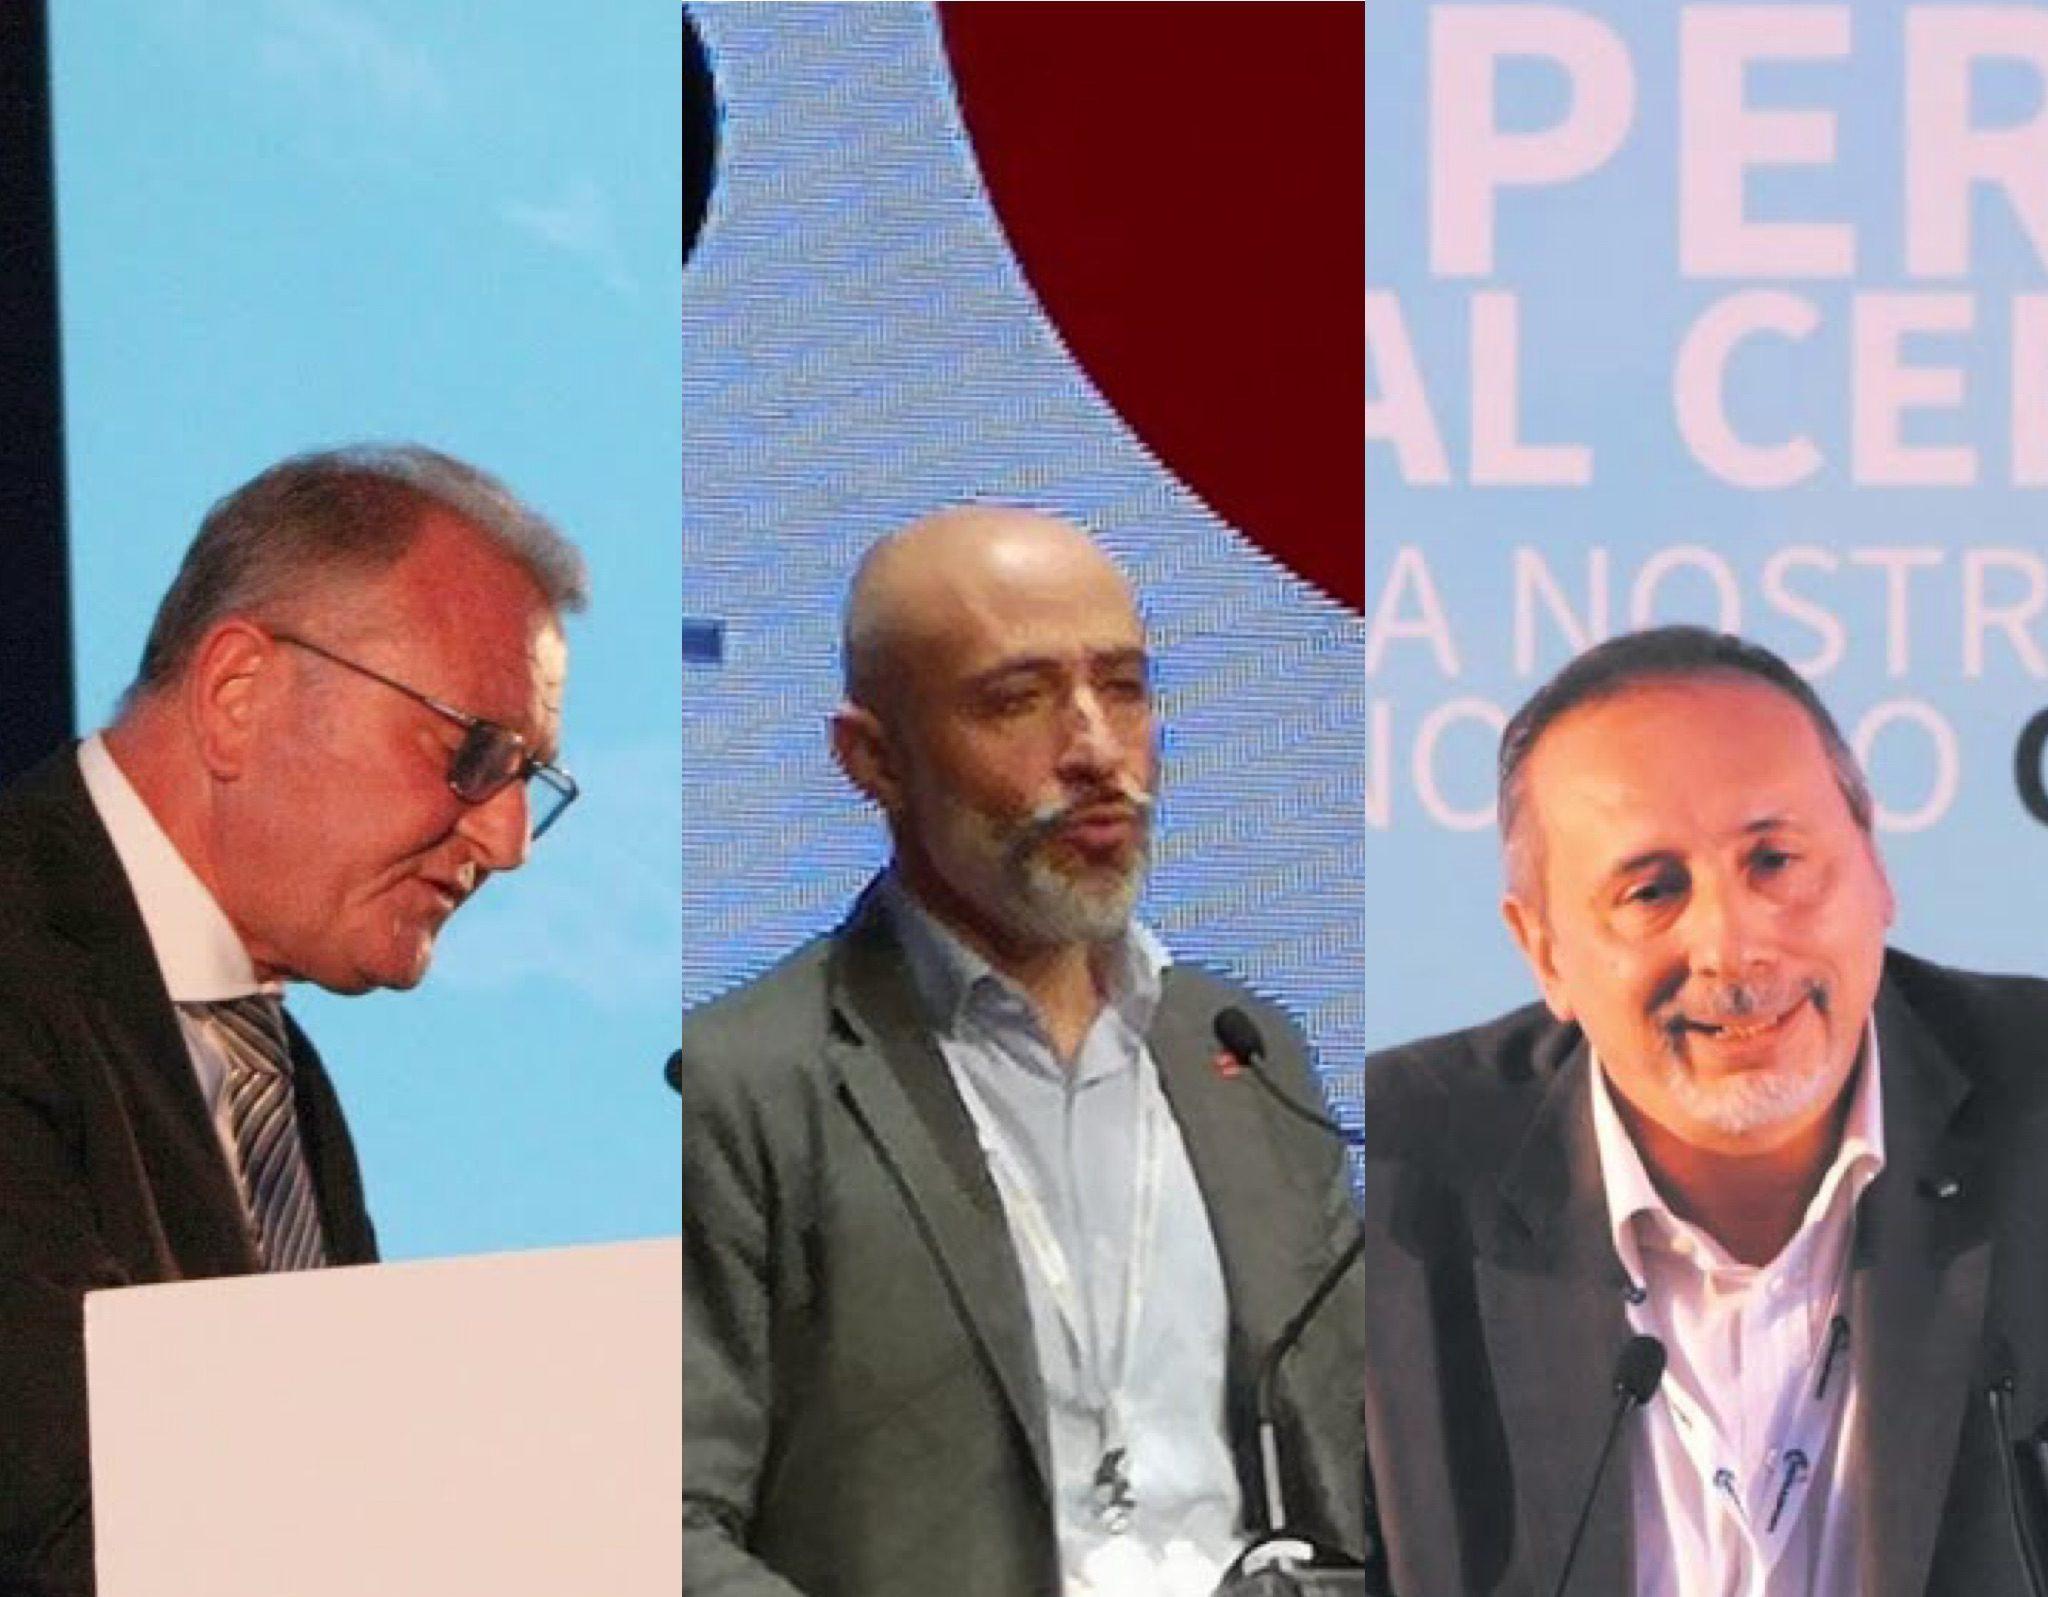 Sindacati: Danno enorme rendere Alitalia compagnia bonsai